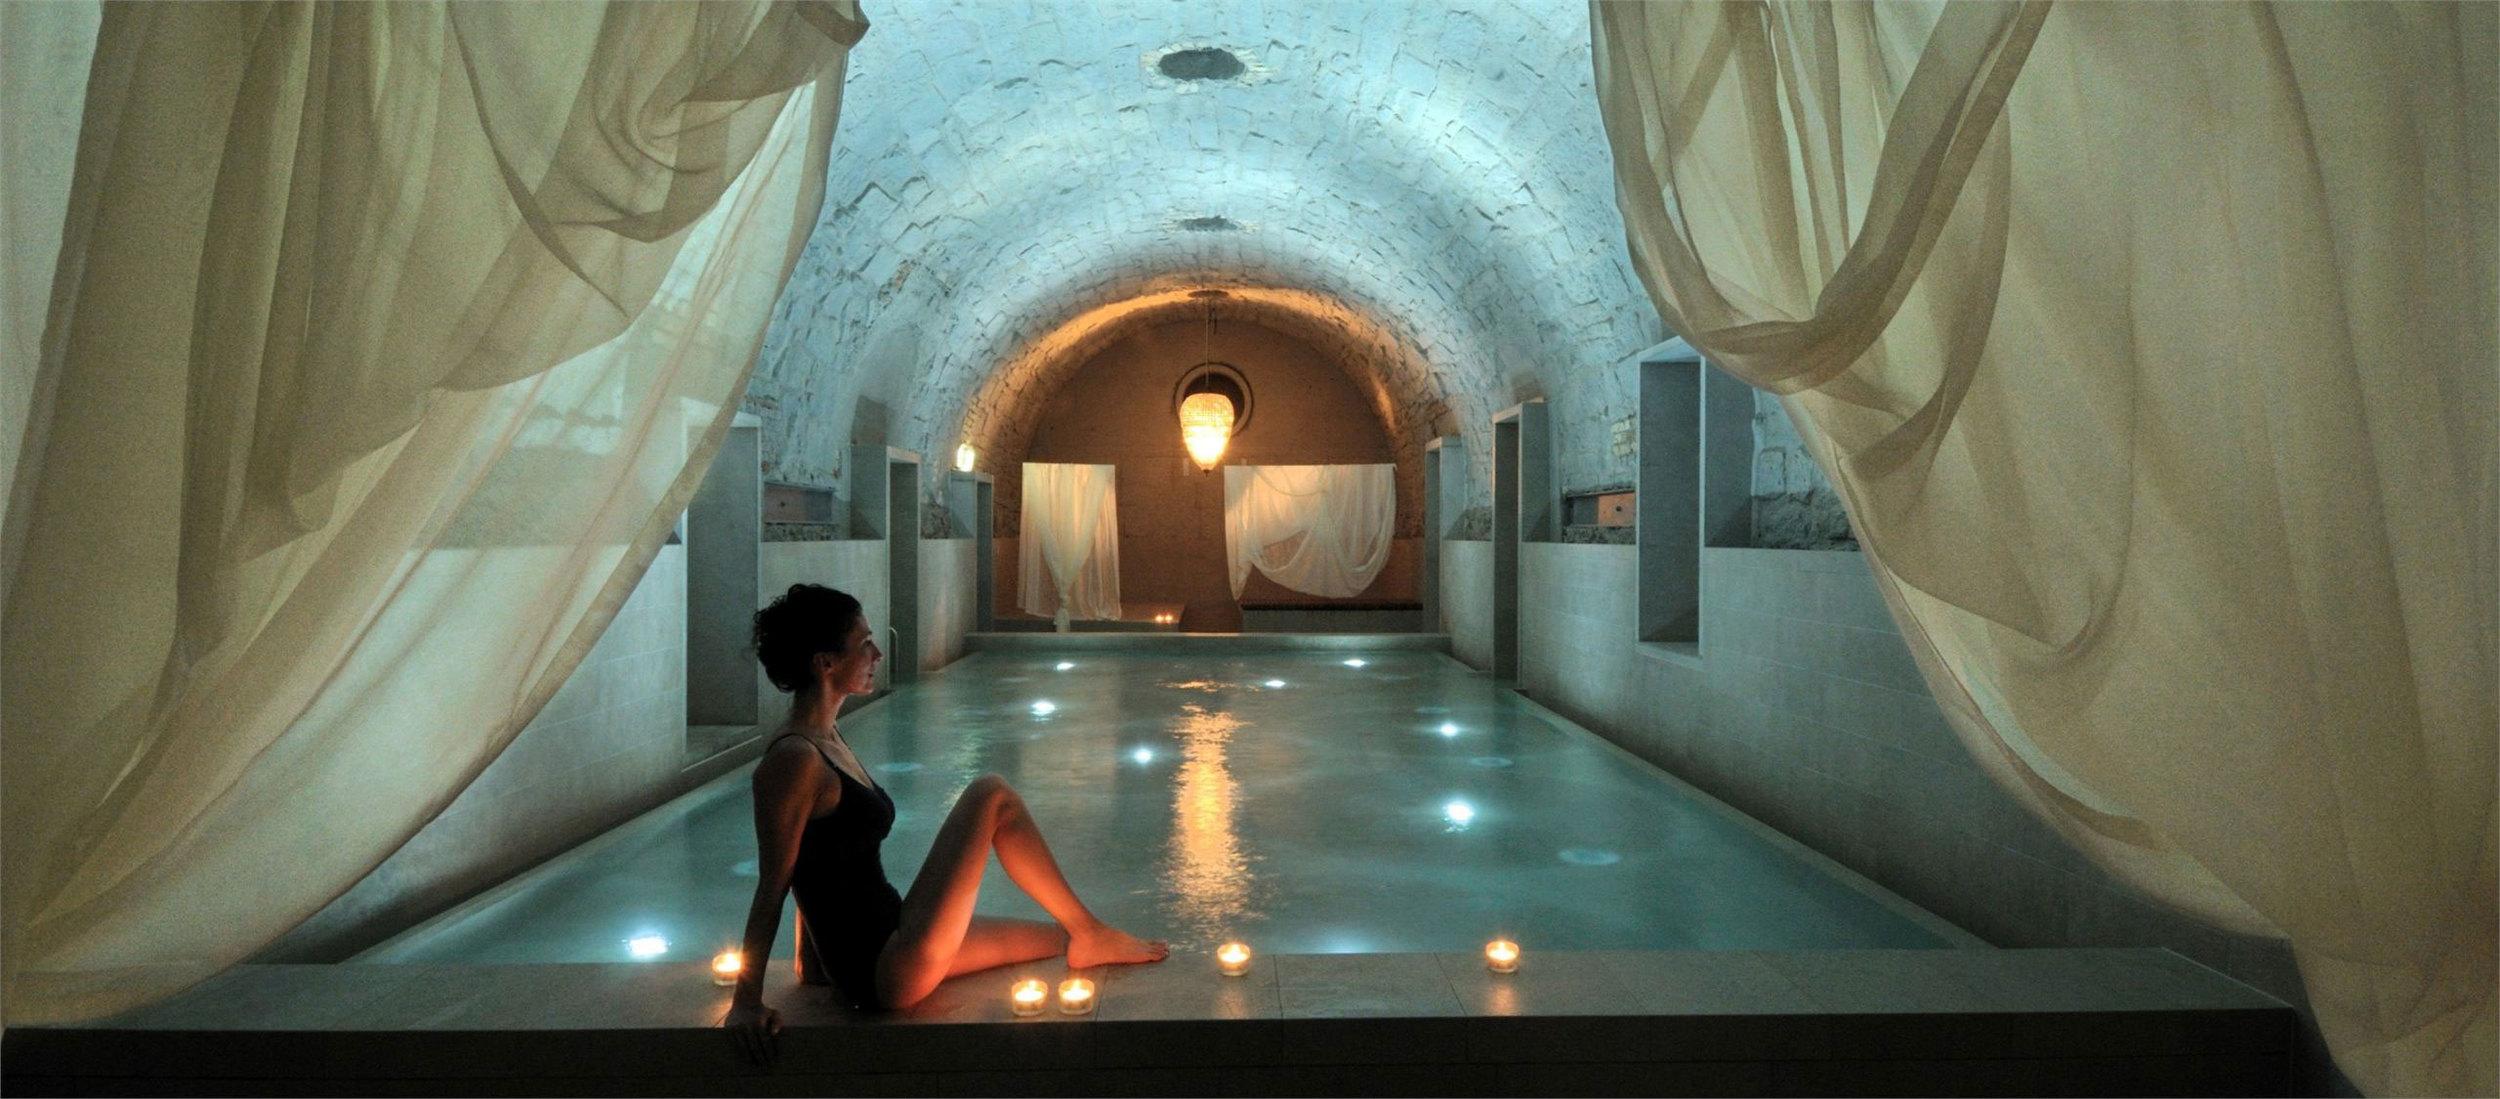 Roman-Irish bath fed by the Aqui spring underneath Zurich./© B2 Boutique Hotel & Spa